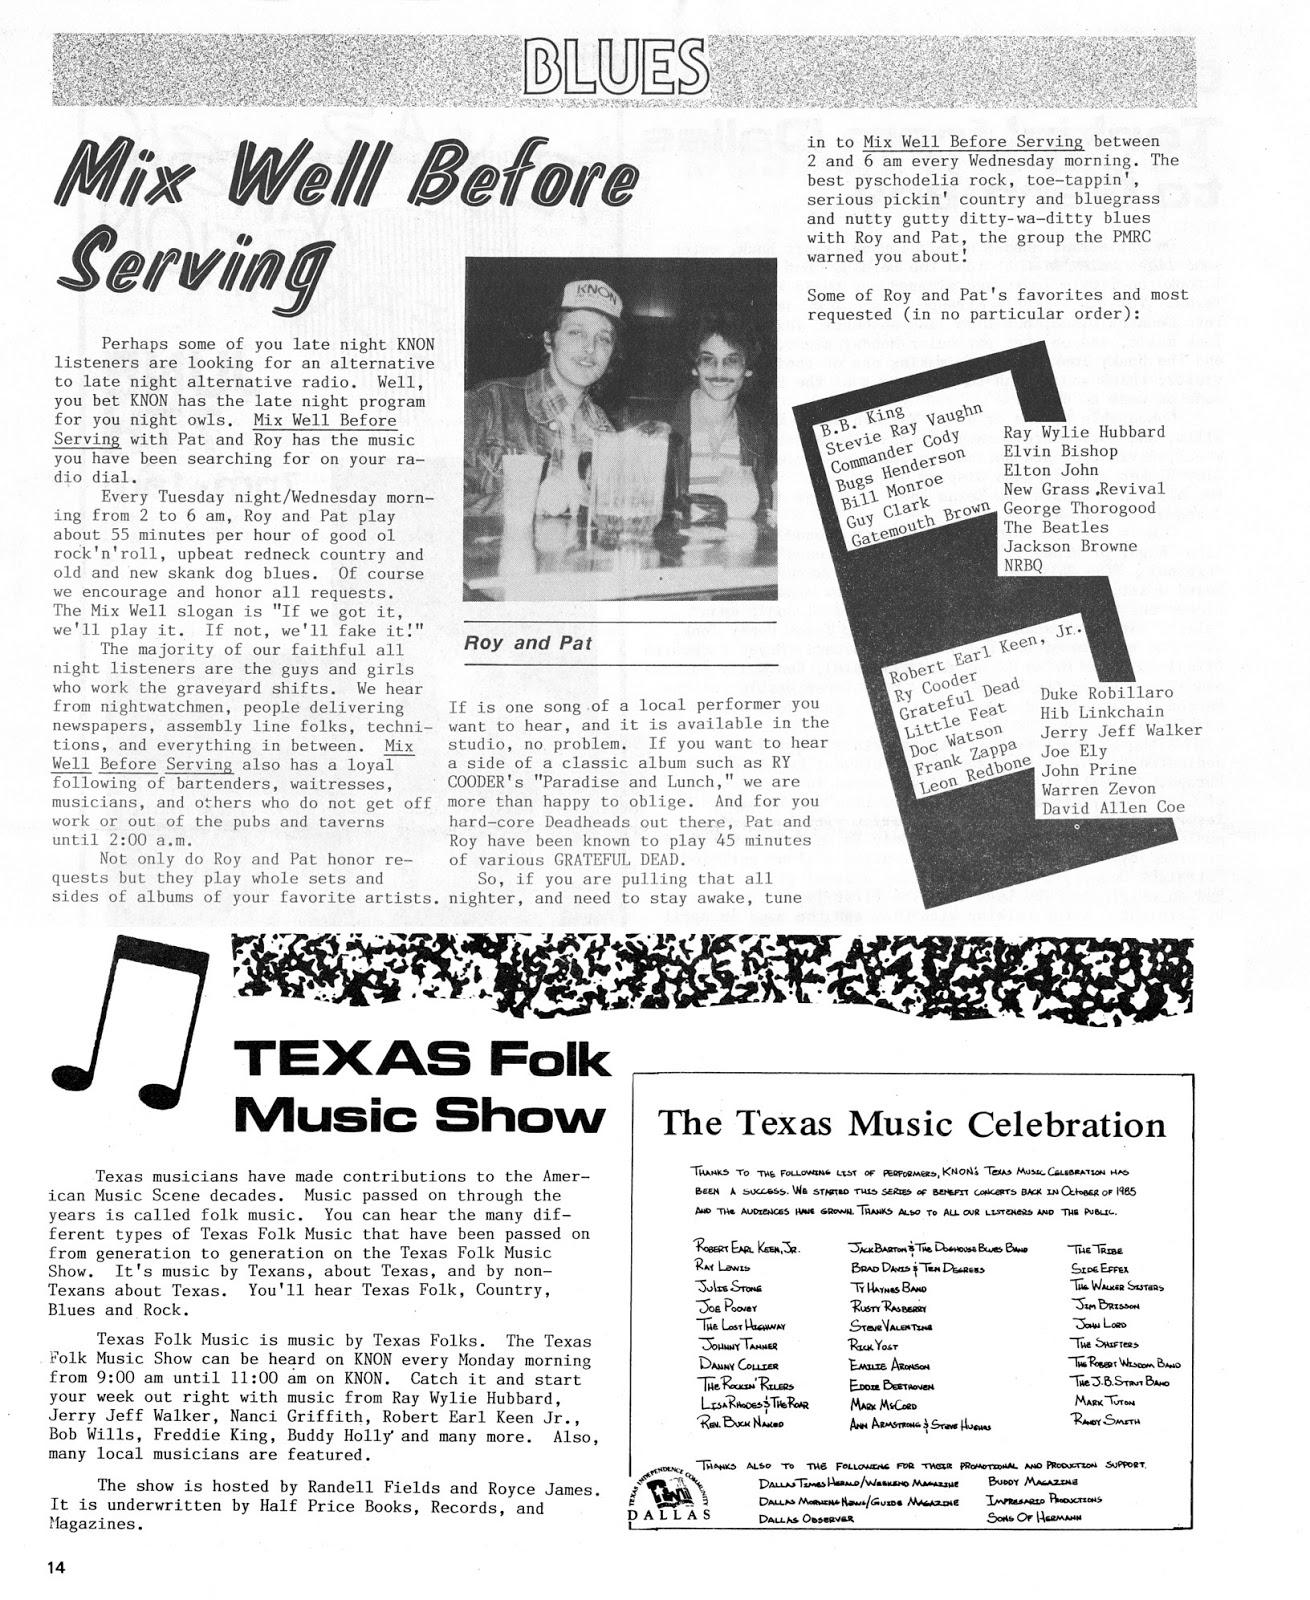 scrapbook-1986-issue-3-p14